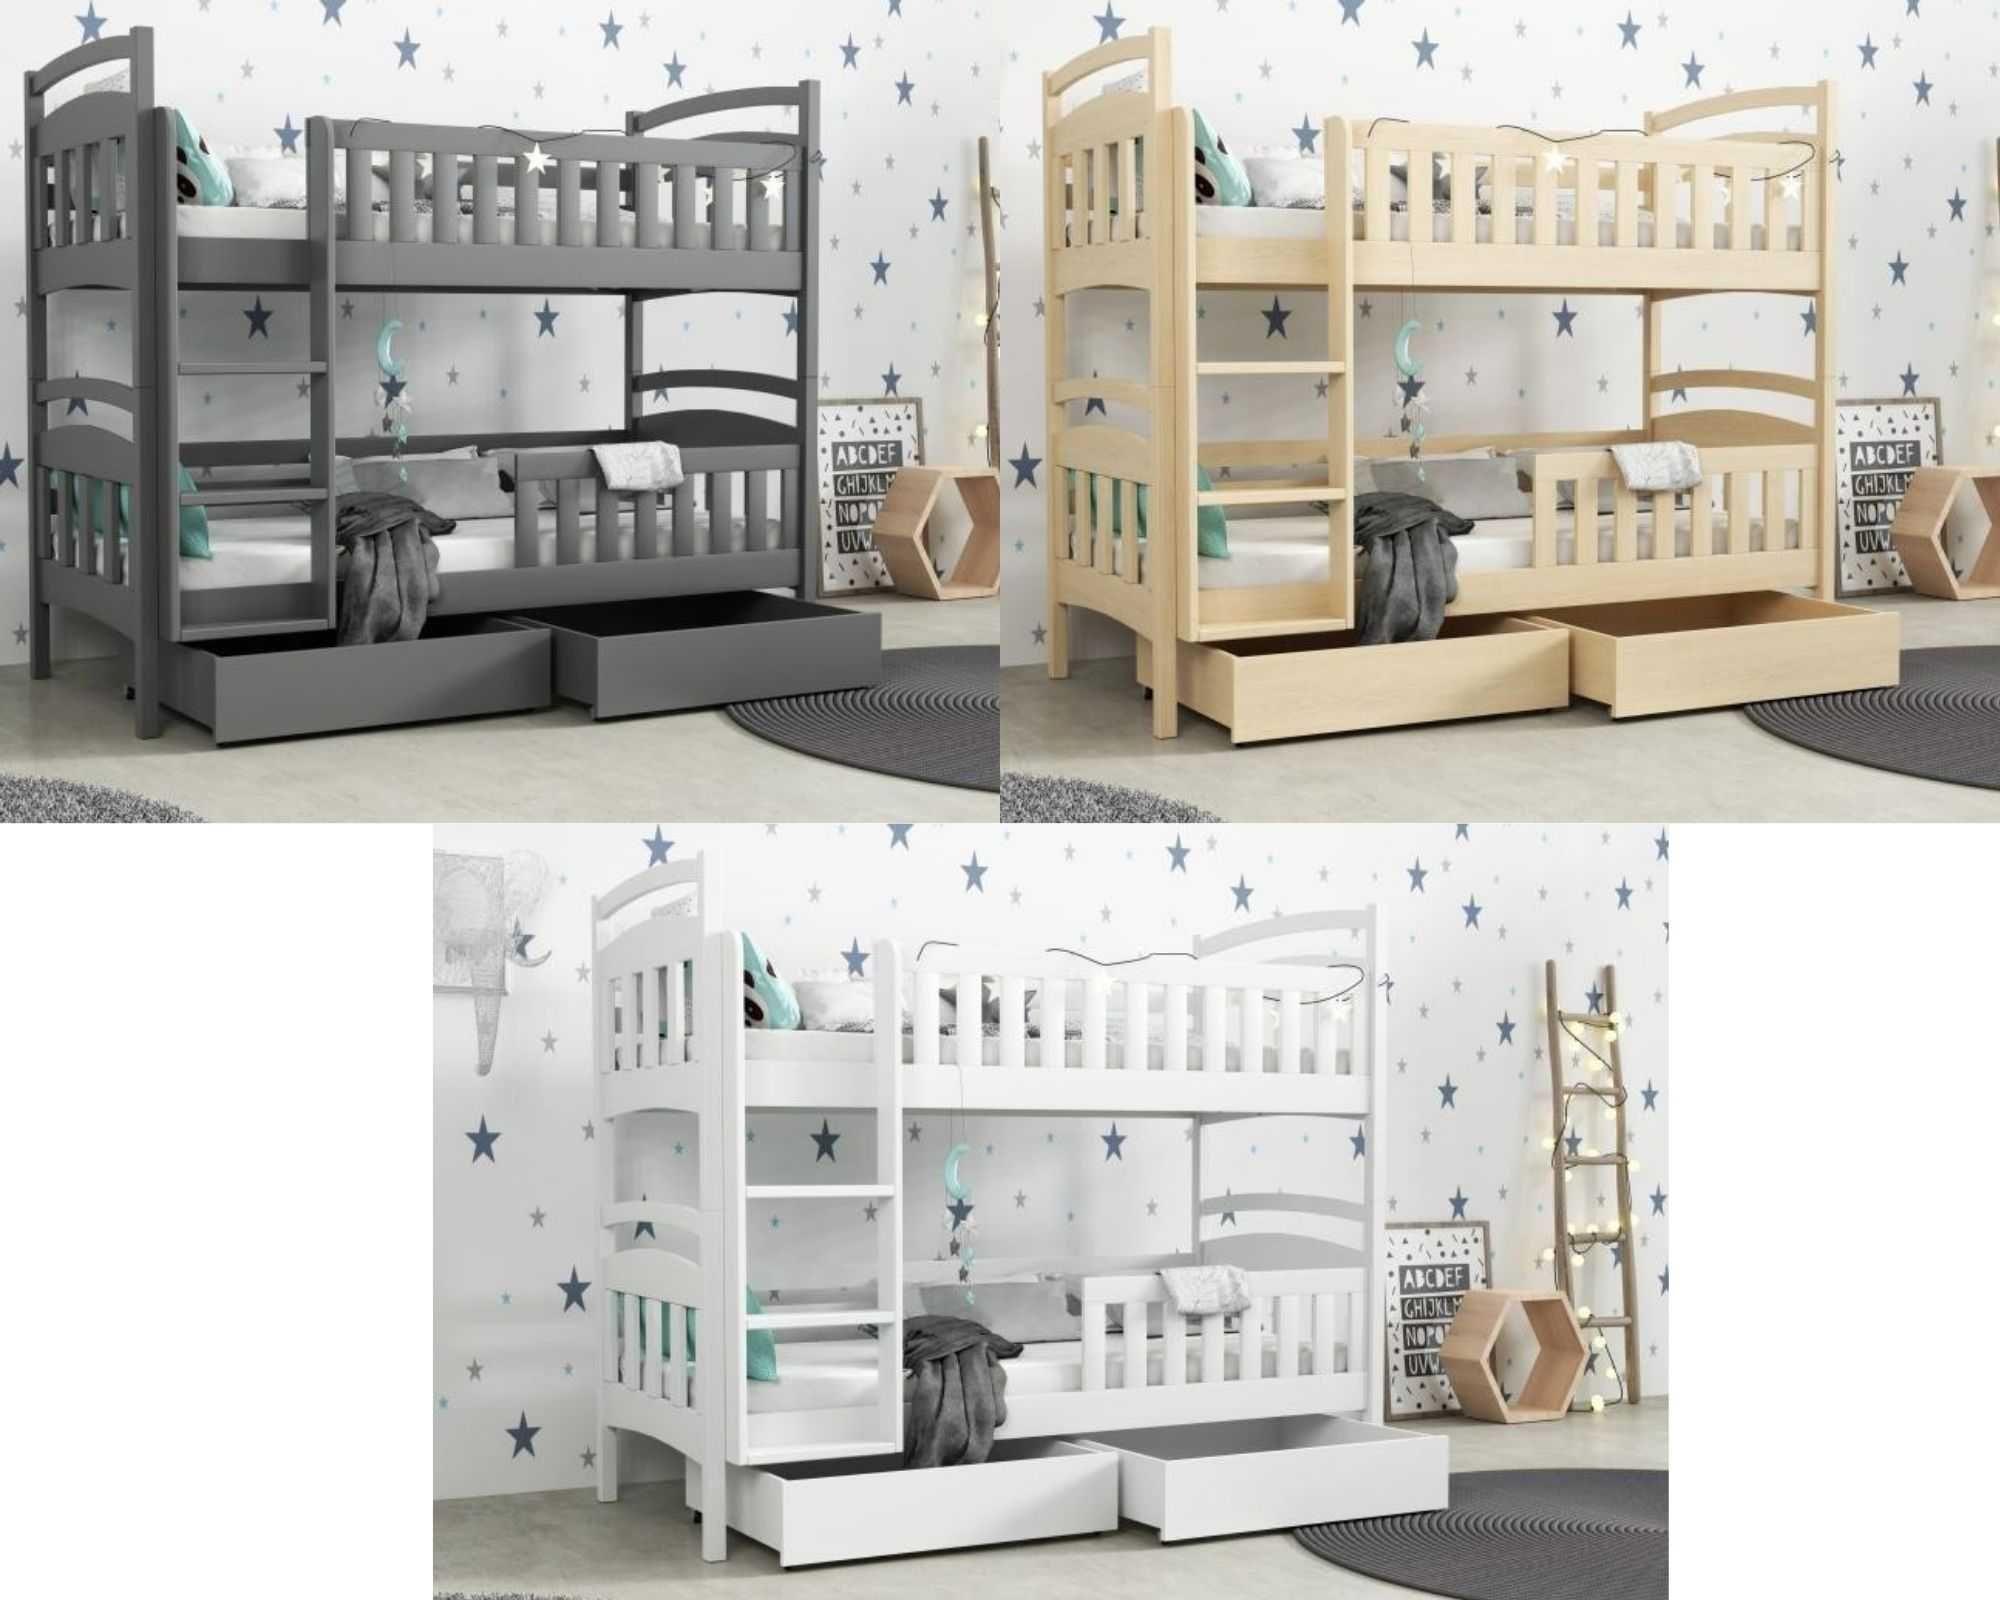 Piętrowe dwu osobowe łóżko dla 2 dzieci/młodzieży 190x80! dostawa!